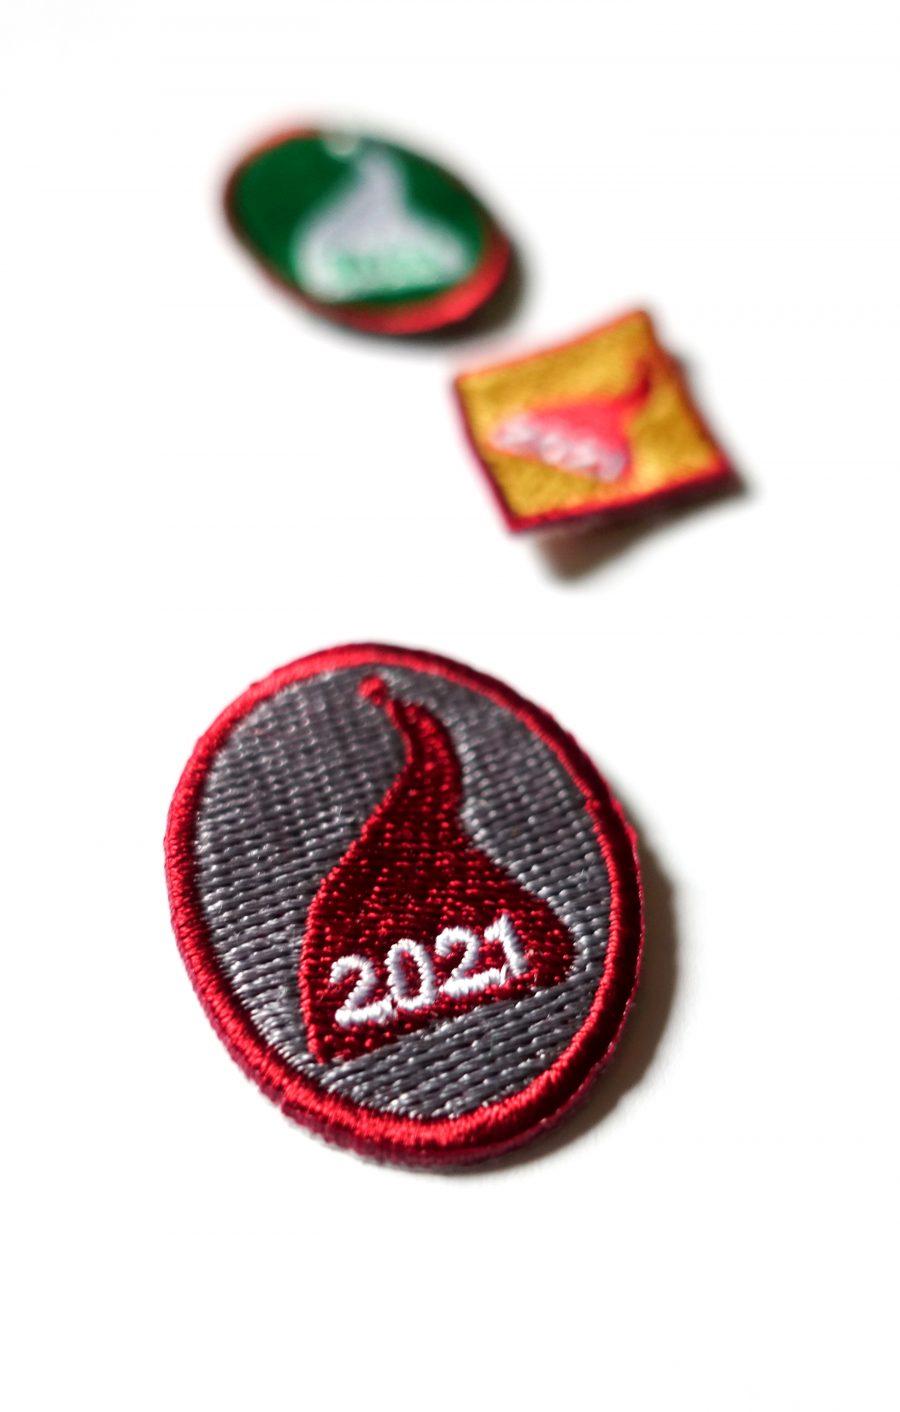 Kolme kangasmerkkiä, joissa tonttulakki ja vuosiluku 2021. Partiolaisten tonttumerkit.